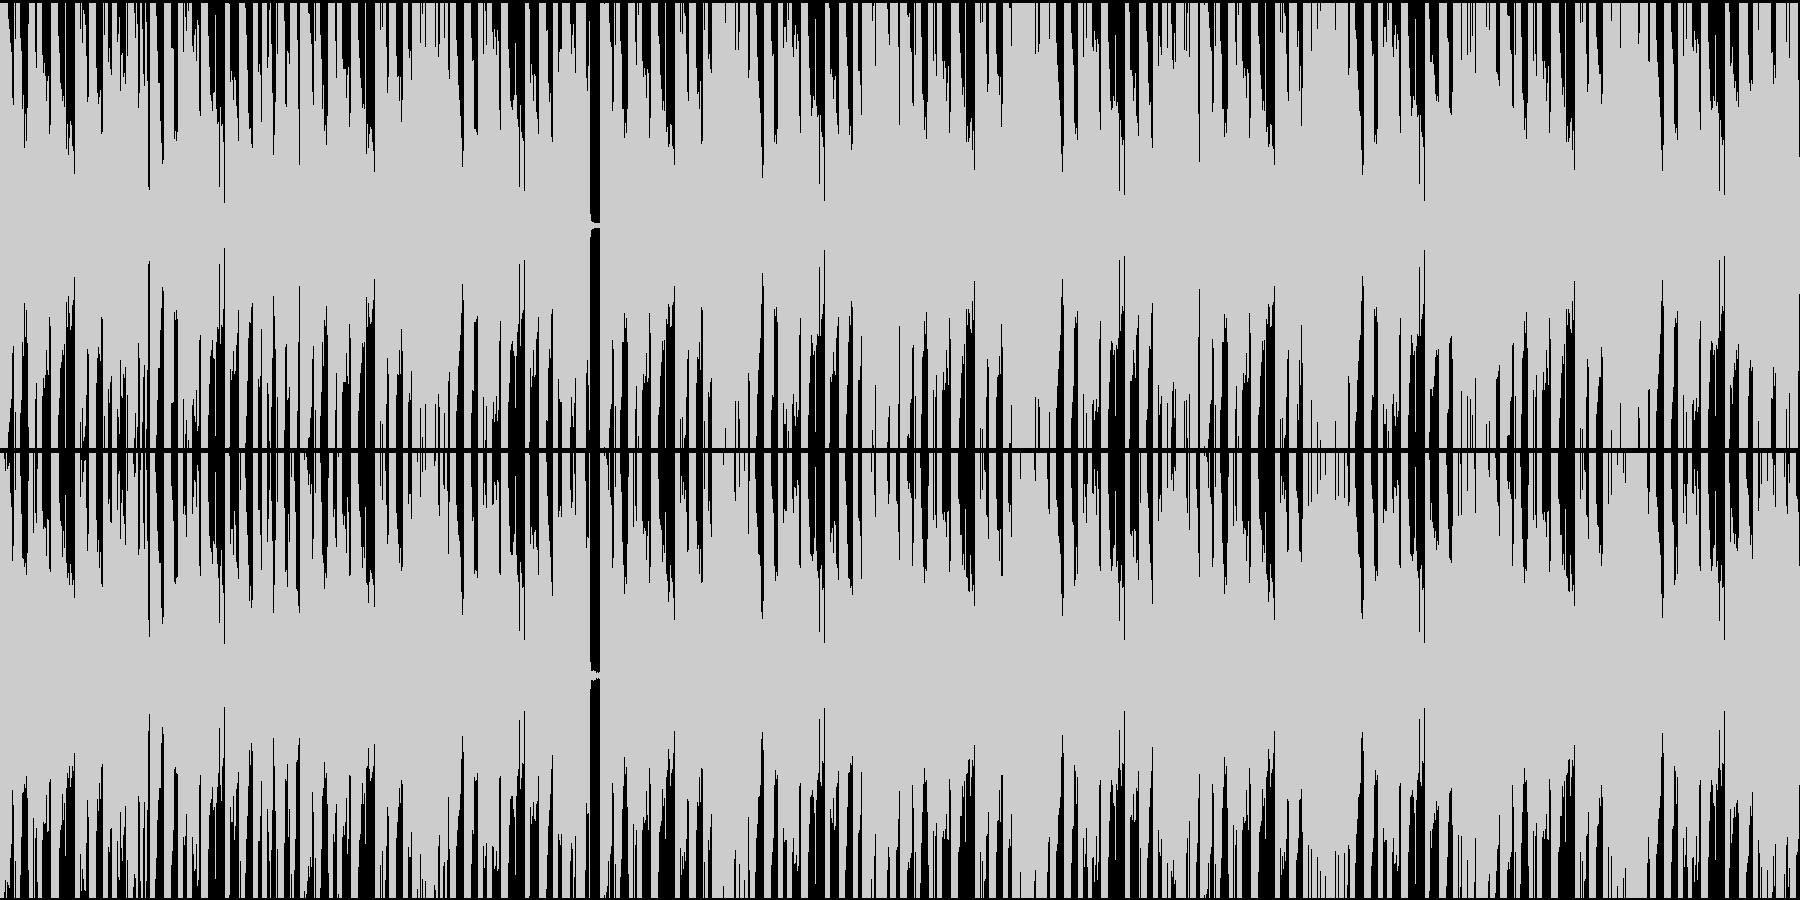 ギラギラ系EDM ダブステップ ループの未再生の波形